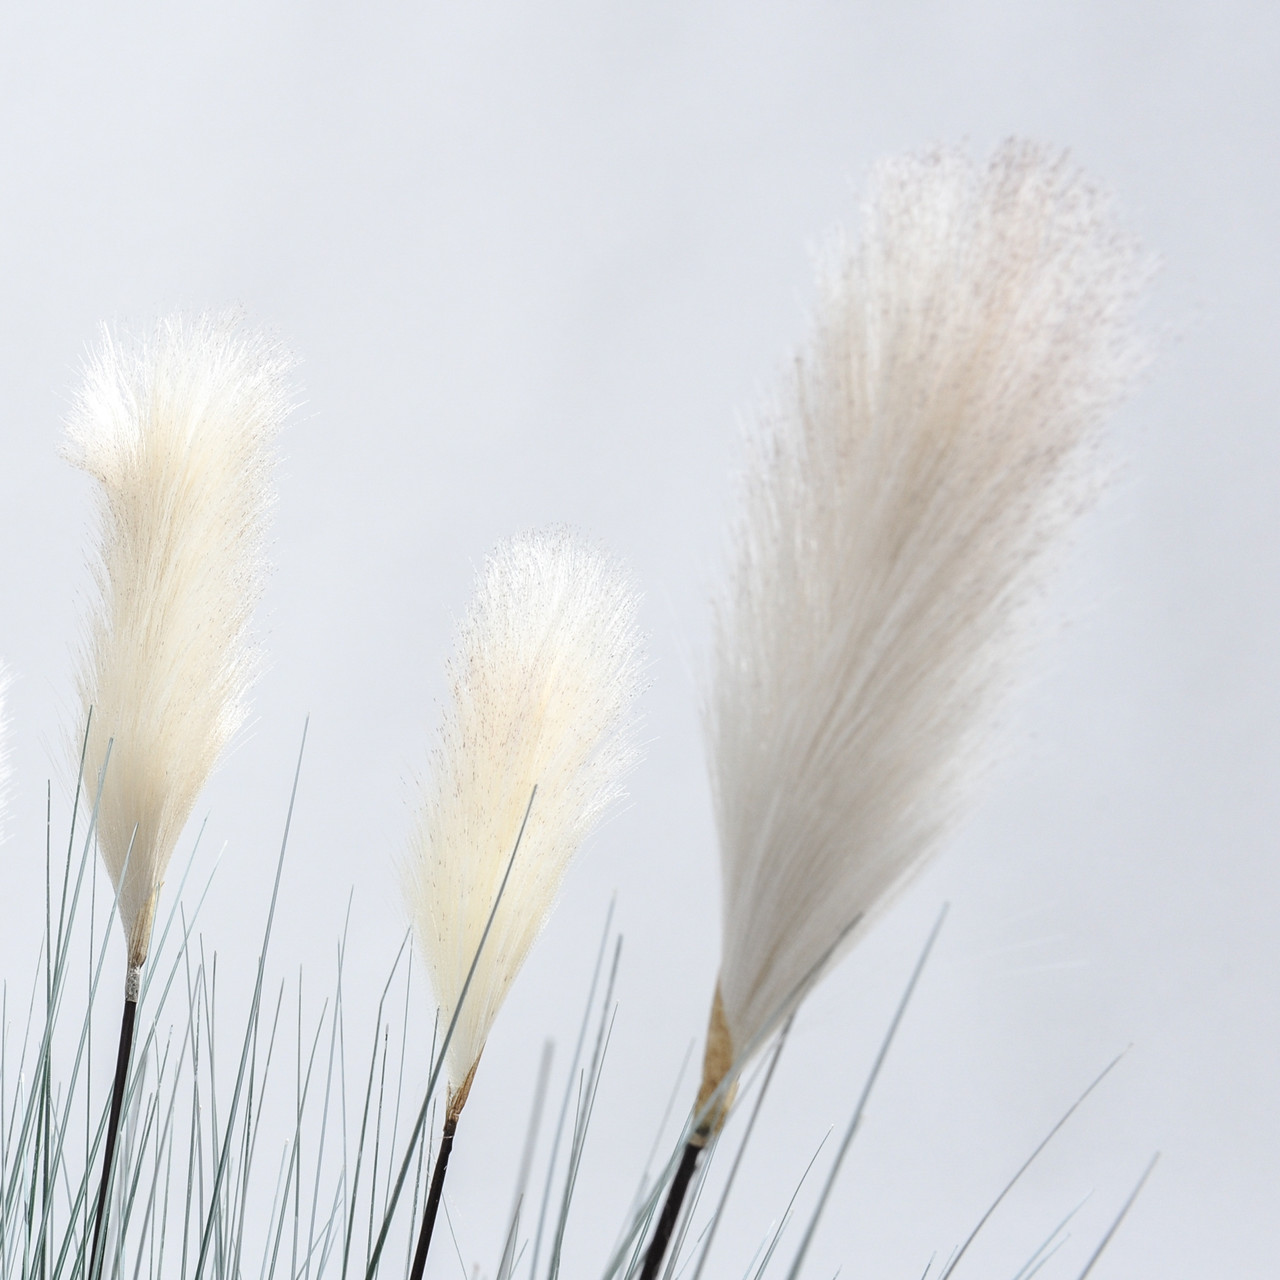 Kunst Rietgras witte pluimen (grijs) 137 cm